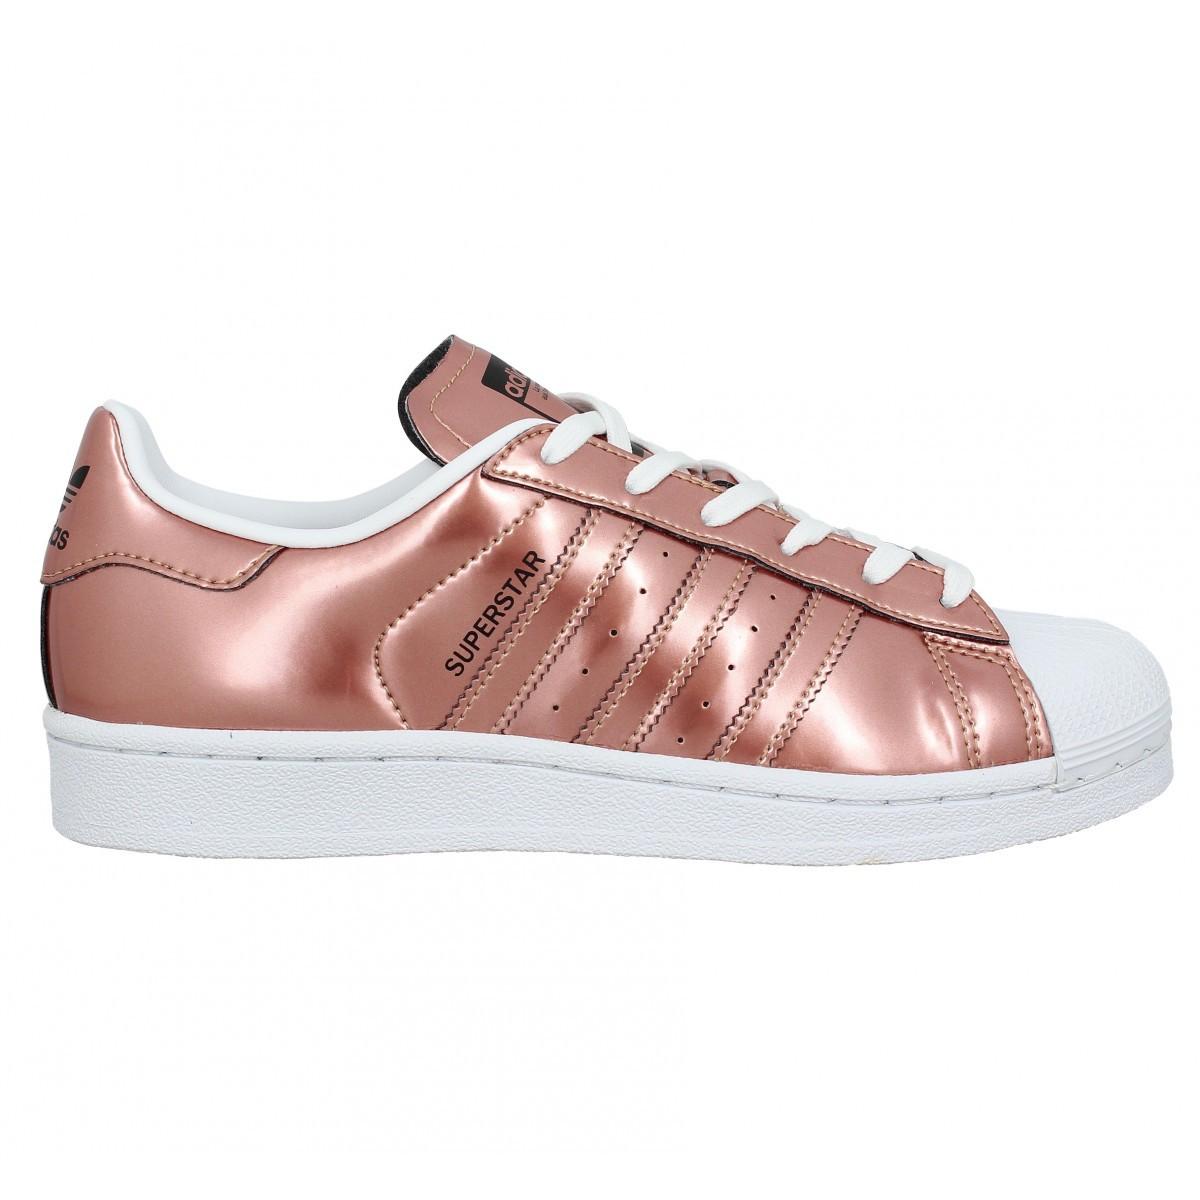 superstar femme adidas rose gold